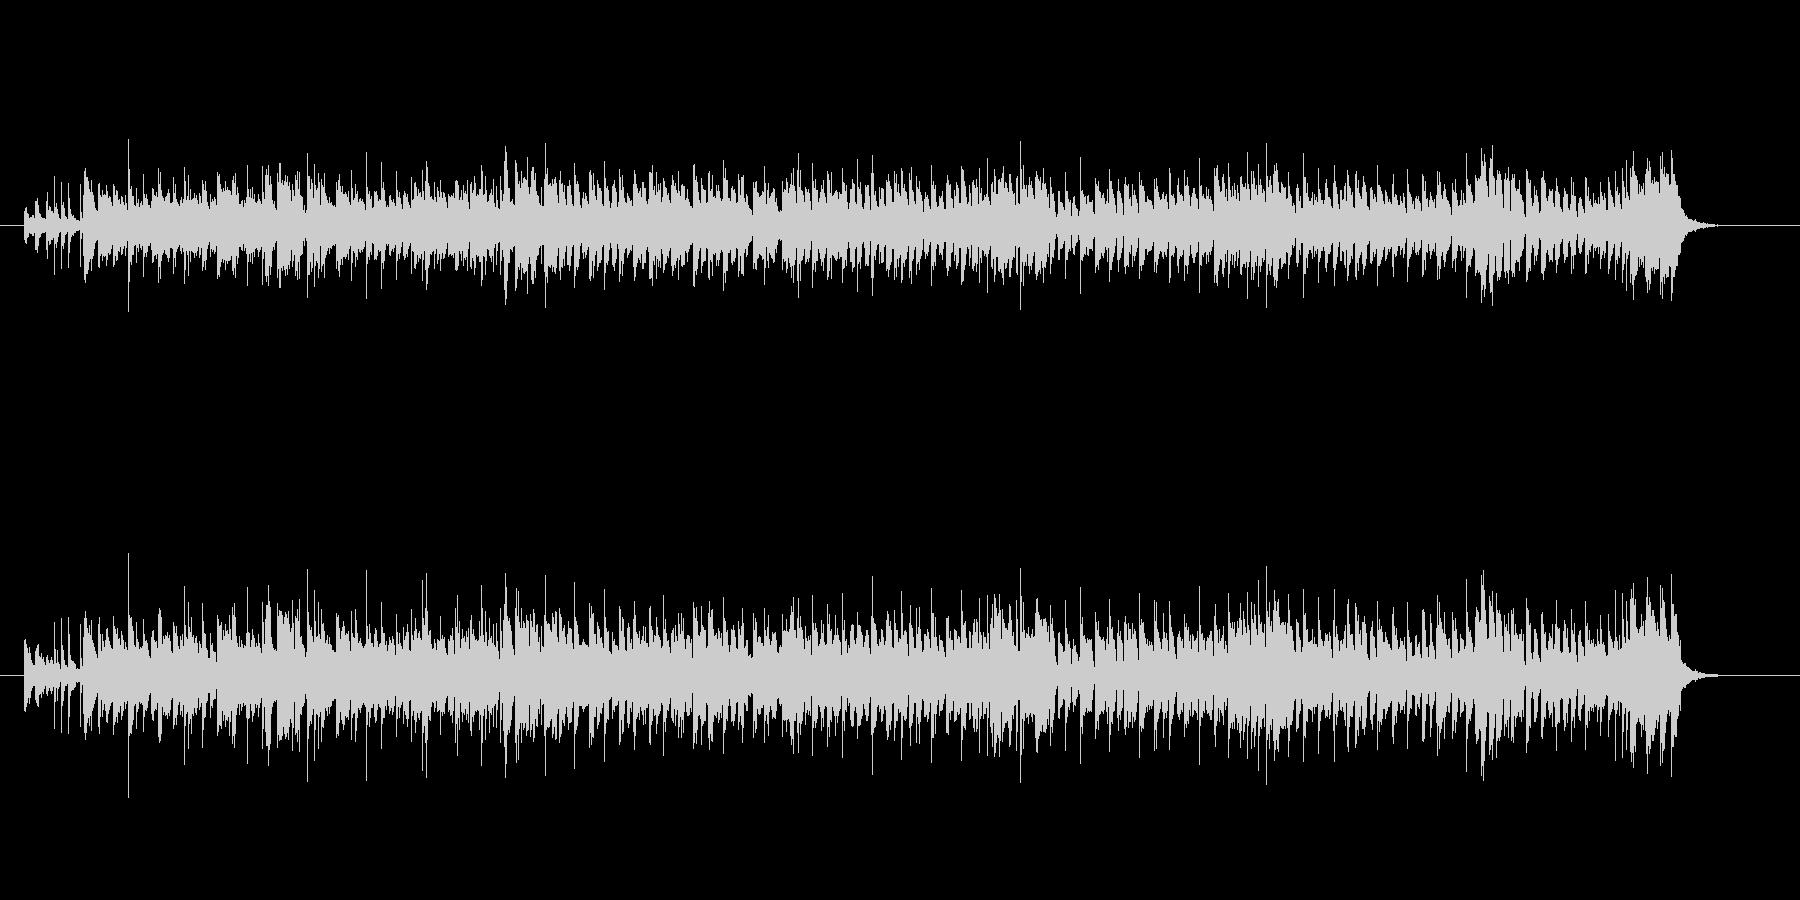 スピード感あふれるエレクトリック・ロックの未再生の波形